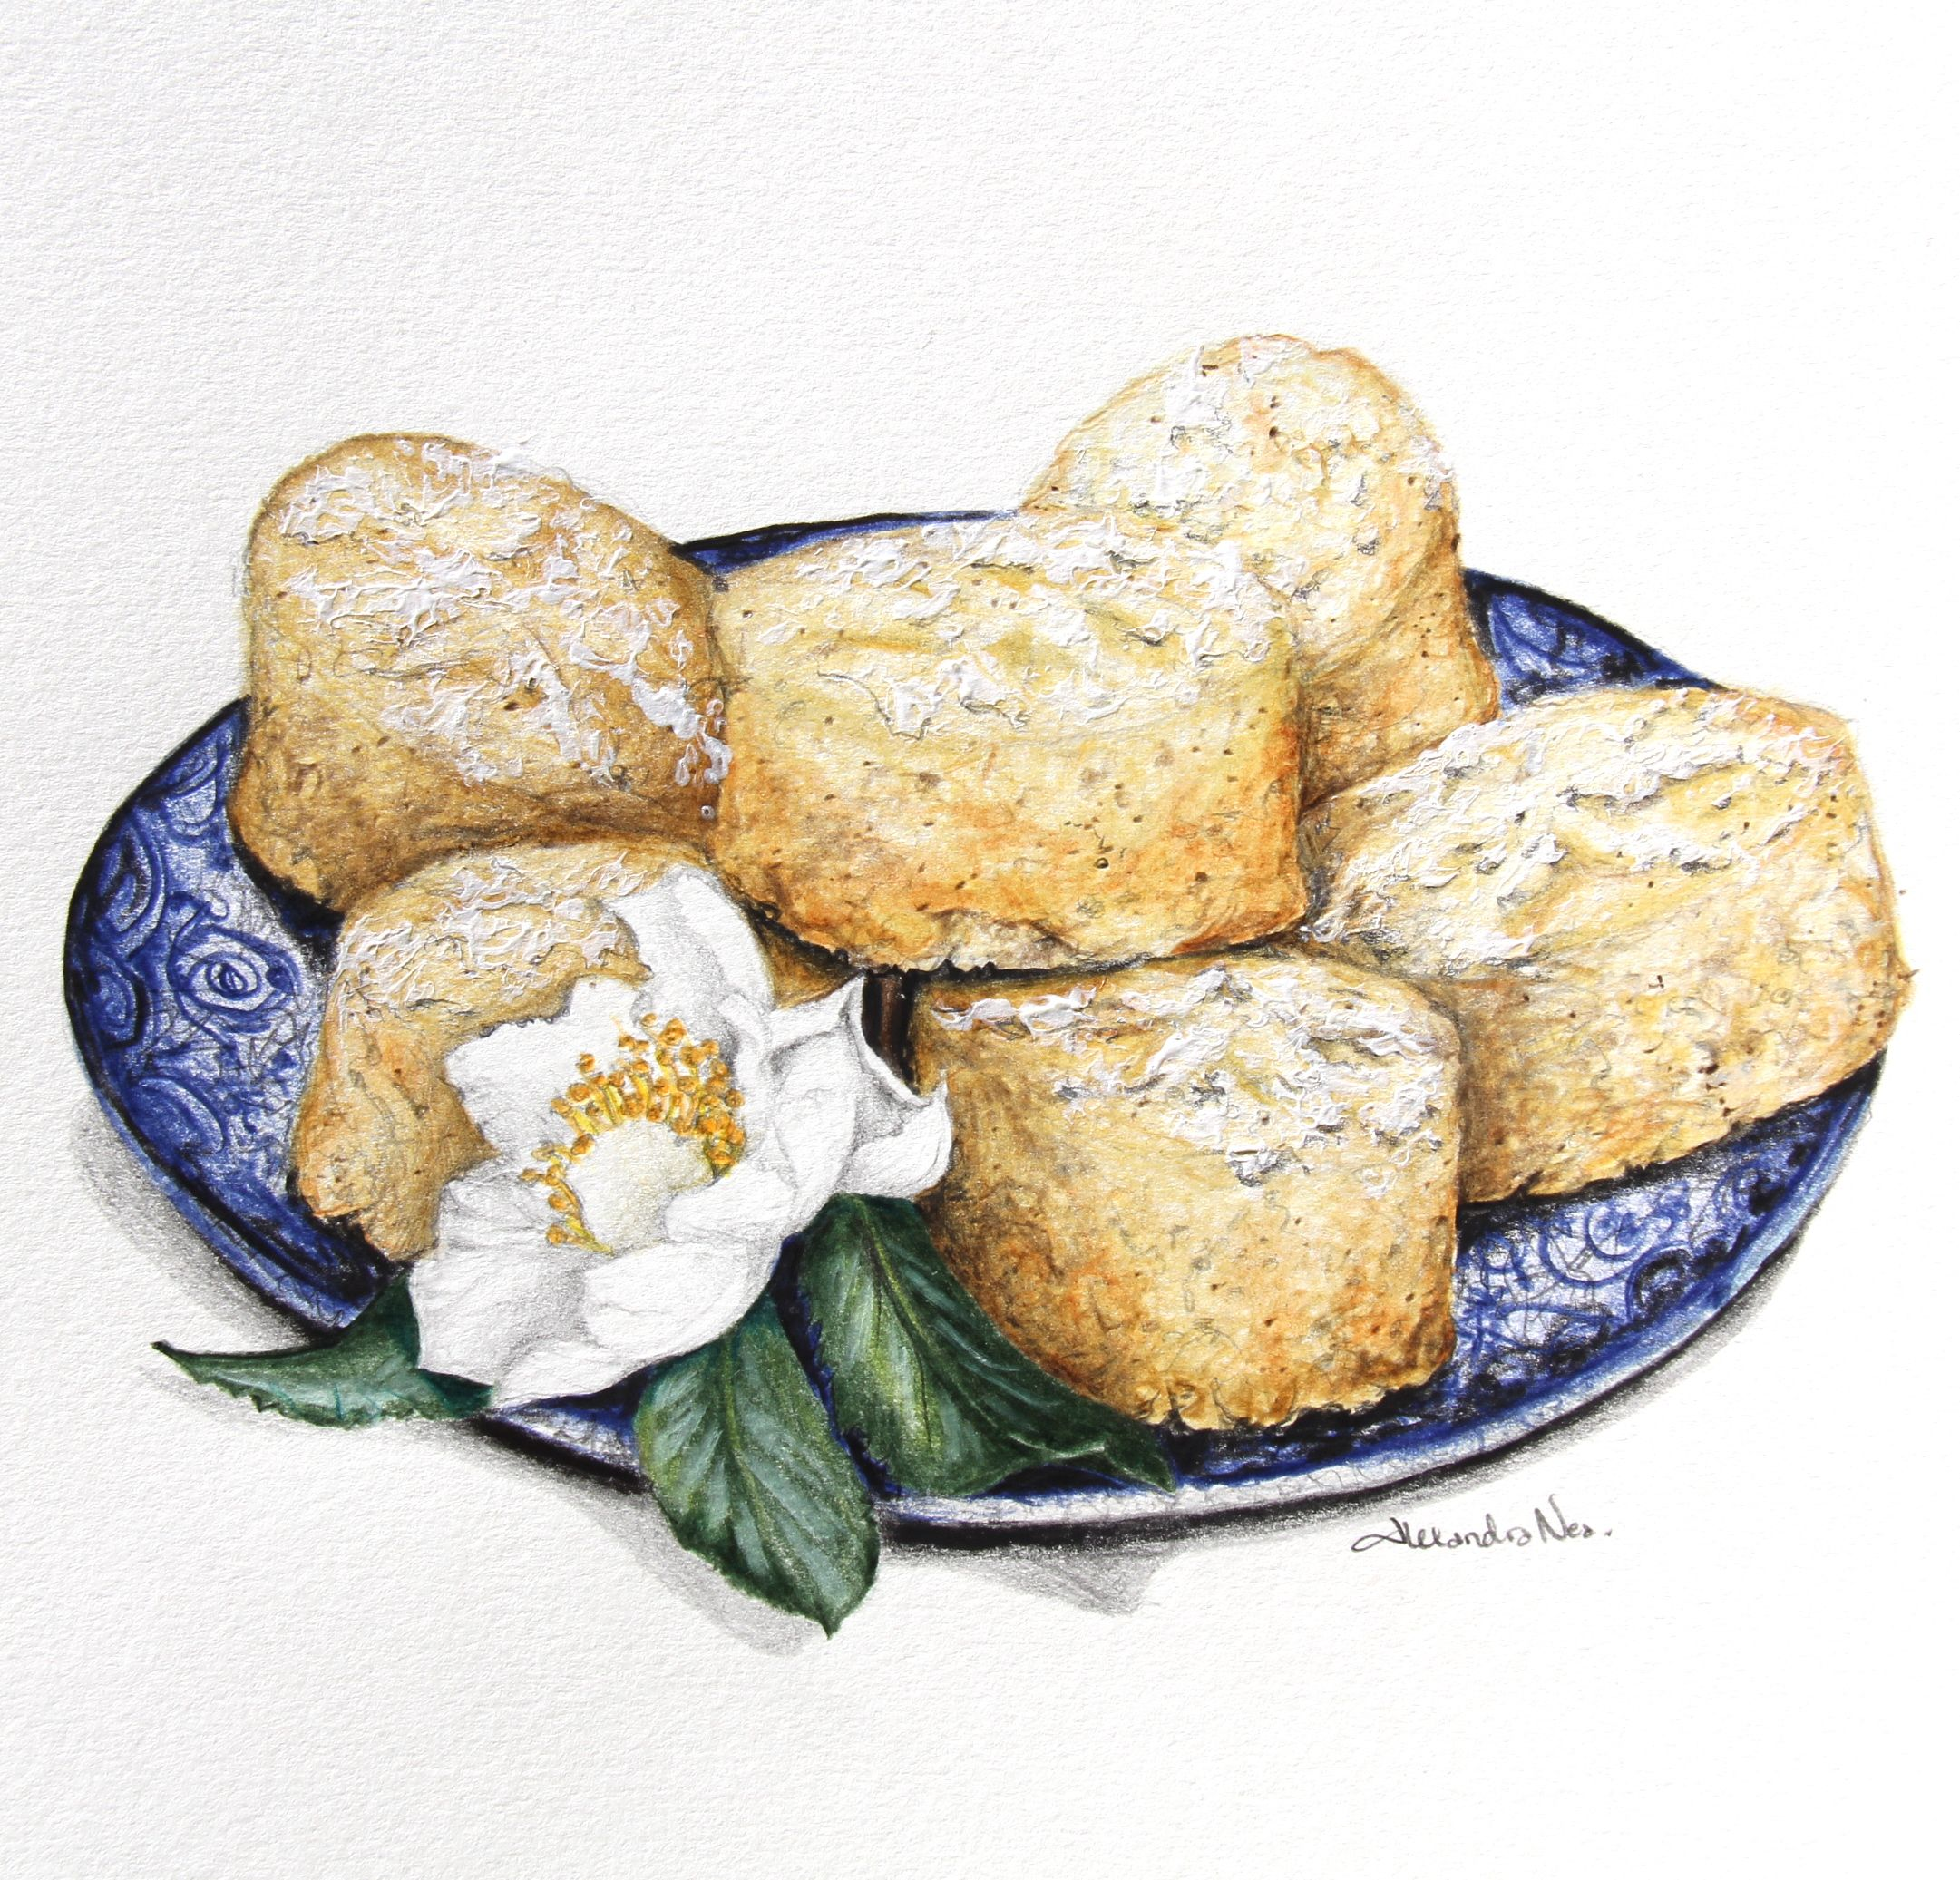 Sri Lankan Love Cakes